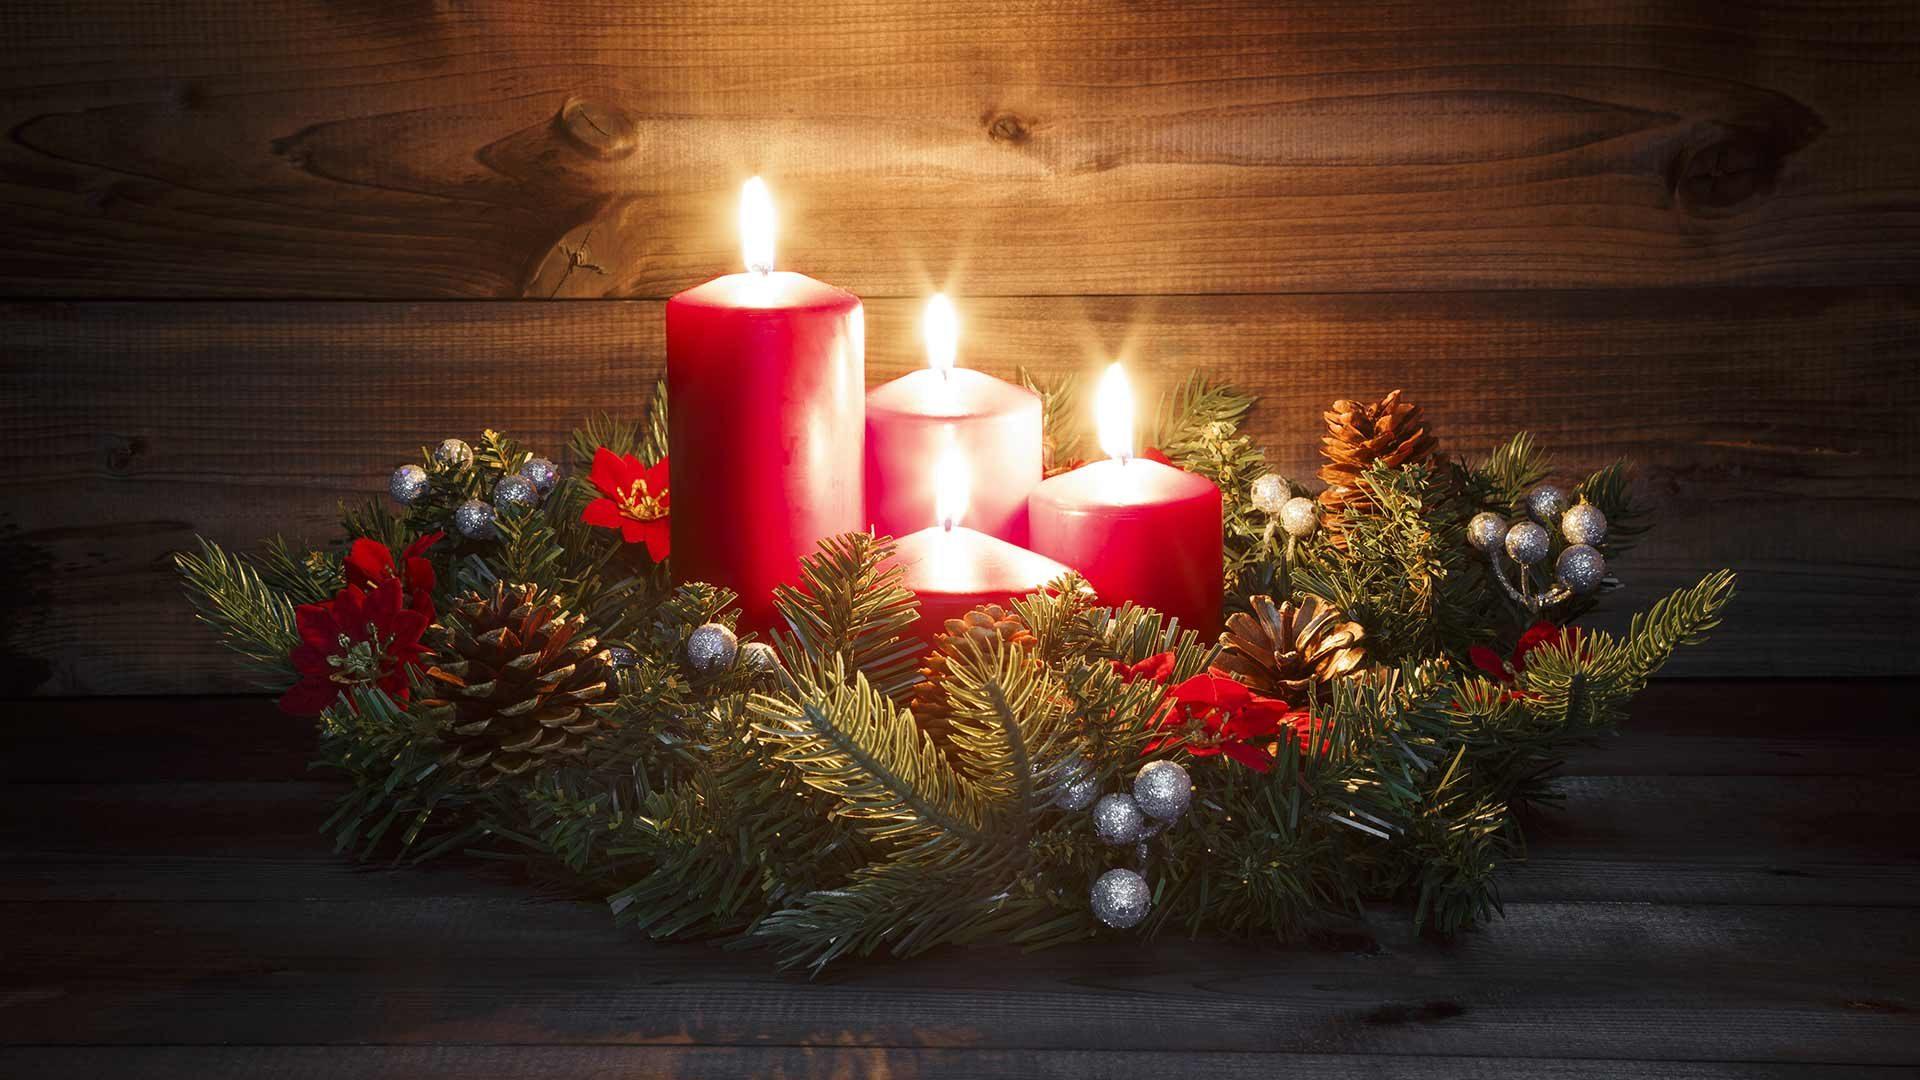 Partschinser Advent